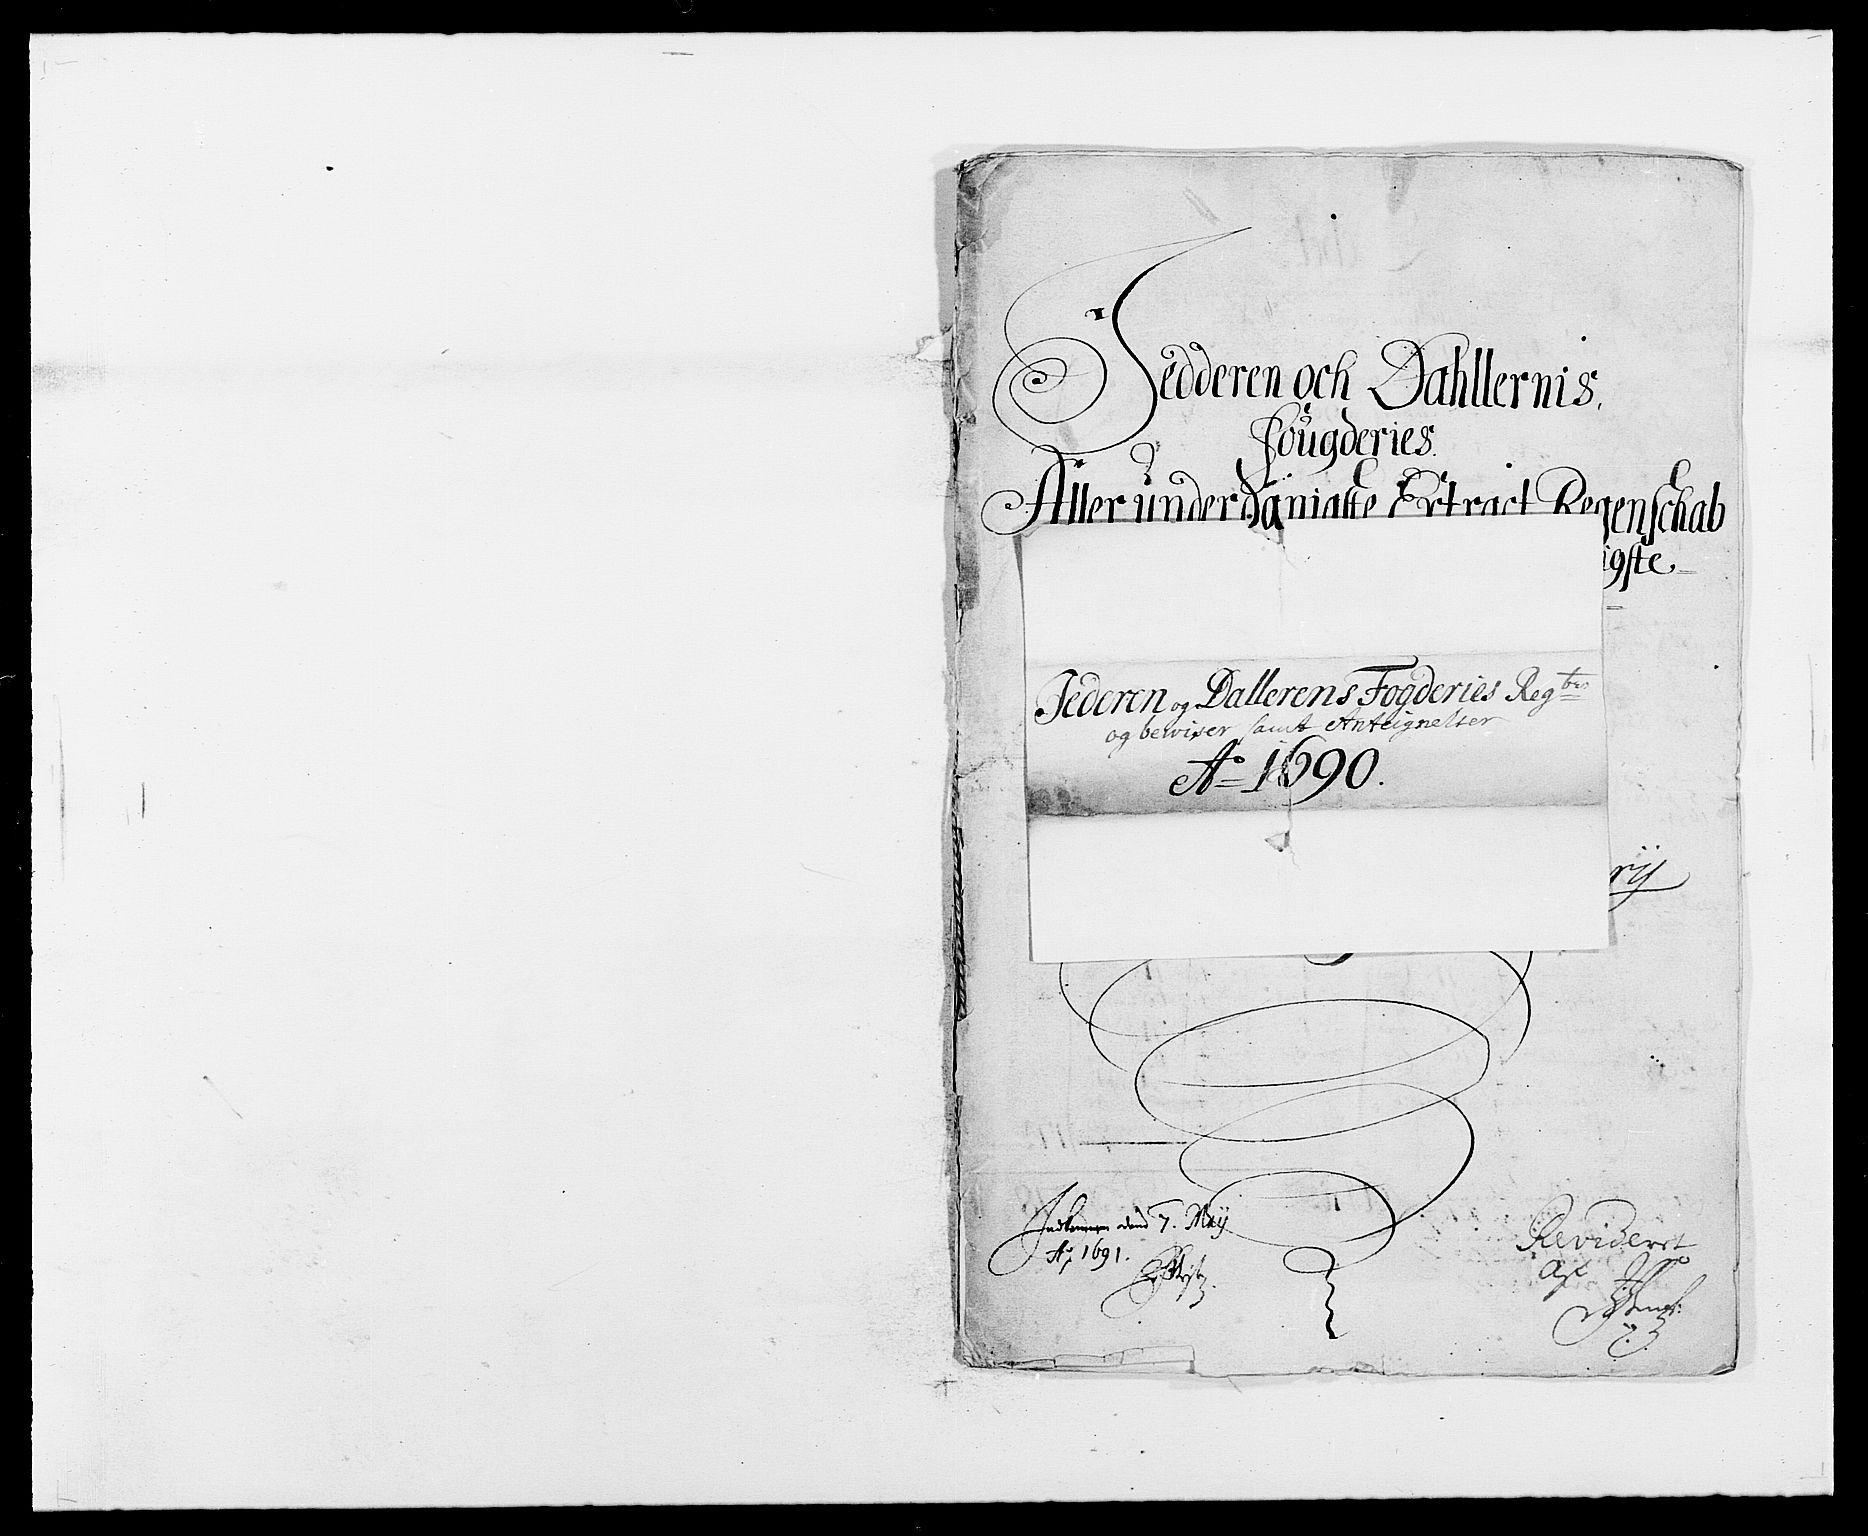 RA, Rentekammeret inntil 1814, Reviderte regnskaper, Fogderegnskap, R46/L2727: Fogderegnskap Jæren og Dalane, 1690-1693, s. 1